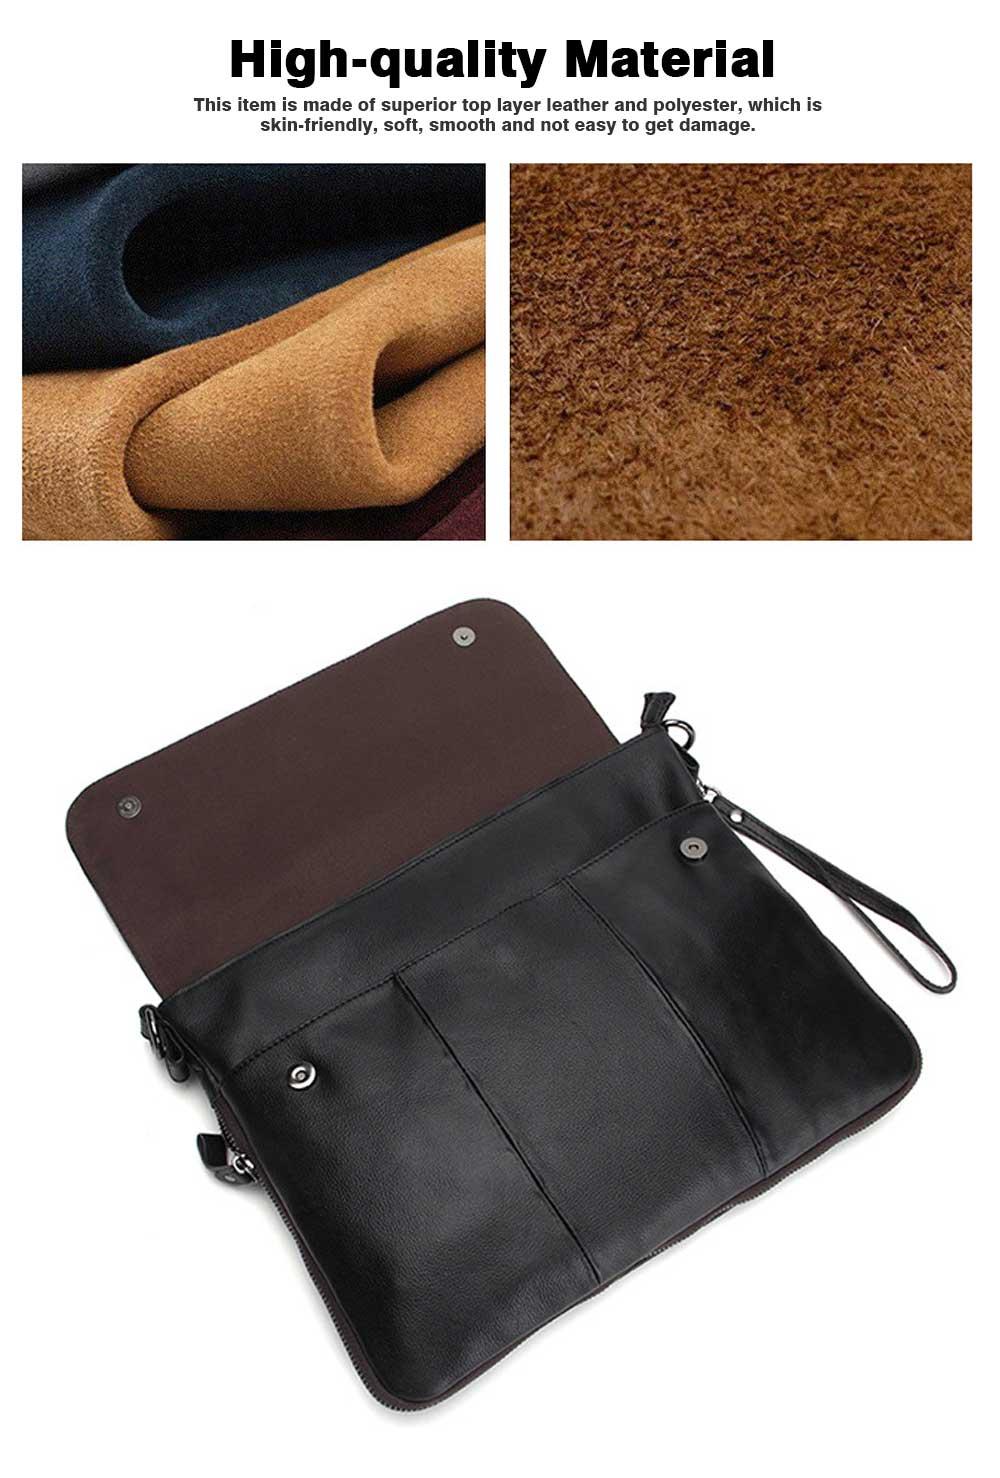 Fashion Business Flip Shoulder Bag Crossbody Bag for Men, Soft Smooth Top Layer Leather Briefcase Messenger Laptop Bag 1